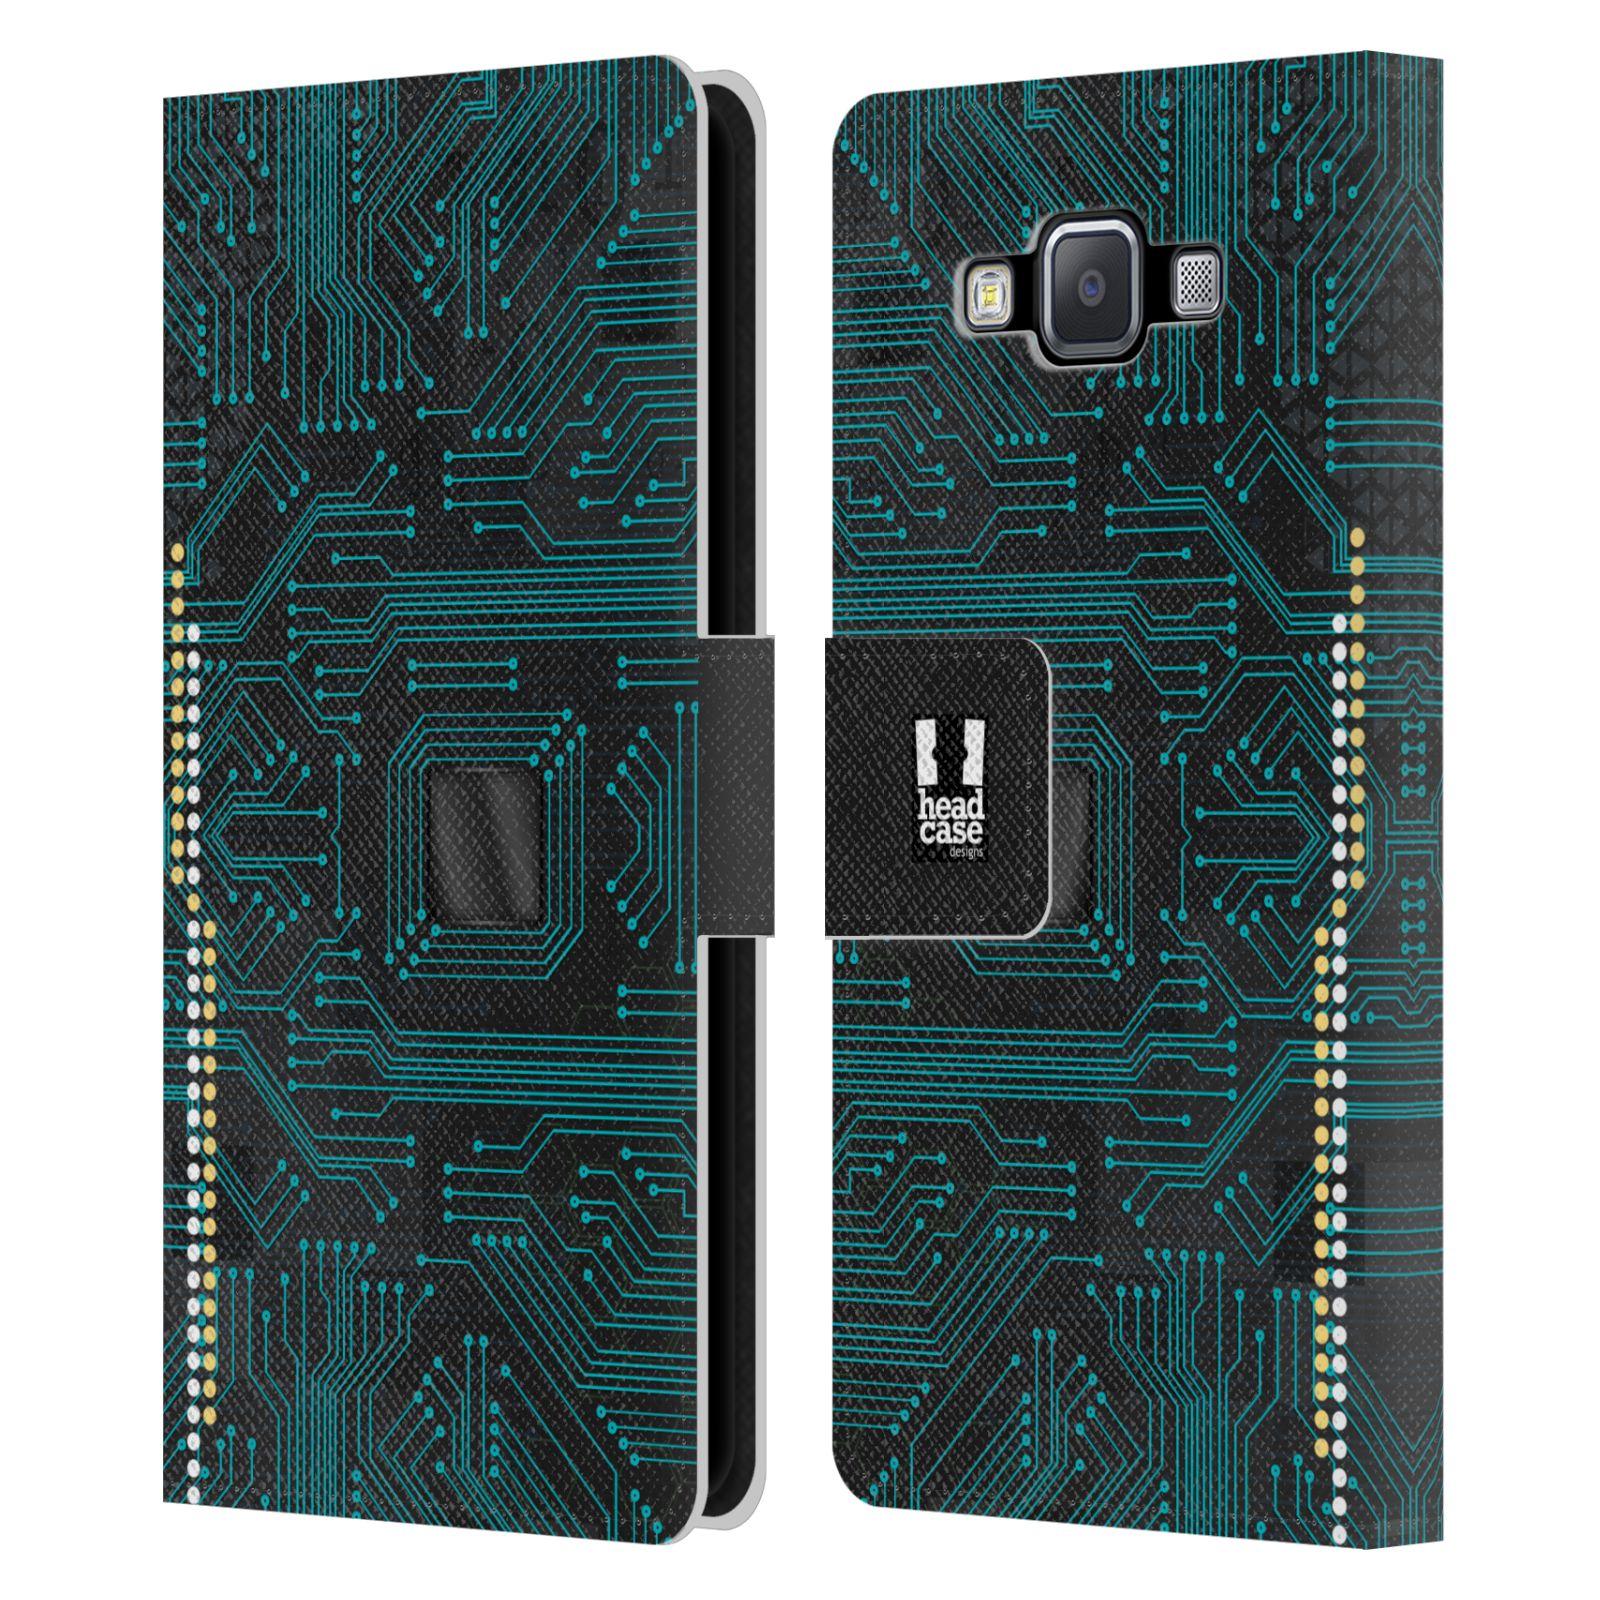 HEAD CASE Flipové pouzdro pro mobil Samsung Galaxy A5 počítač základní deska modrá barva